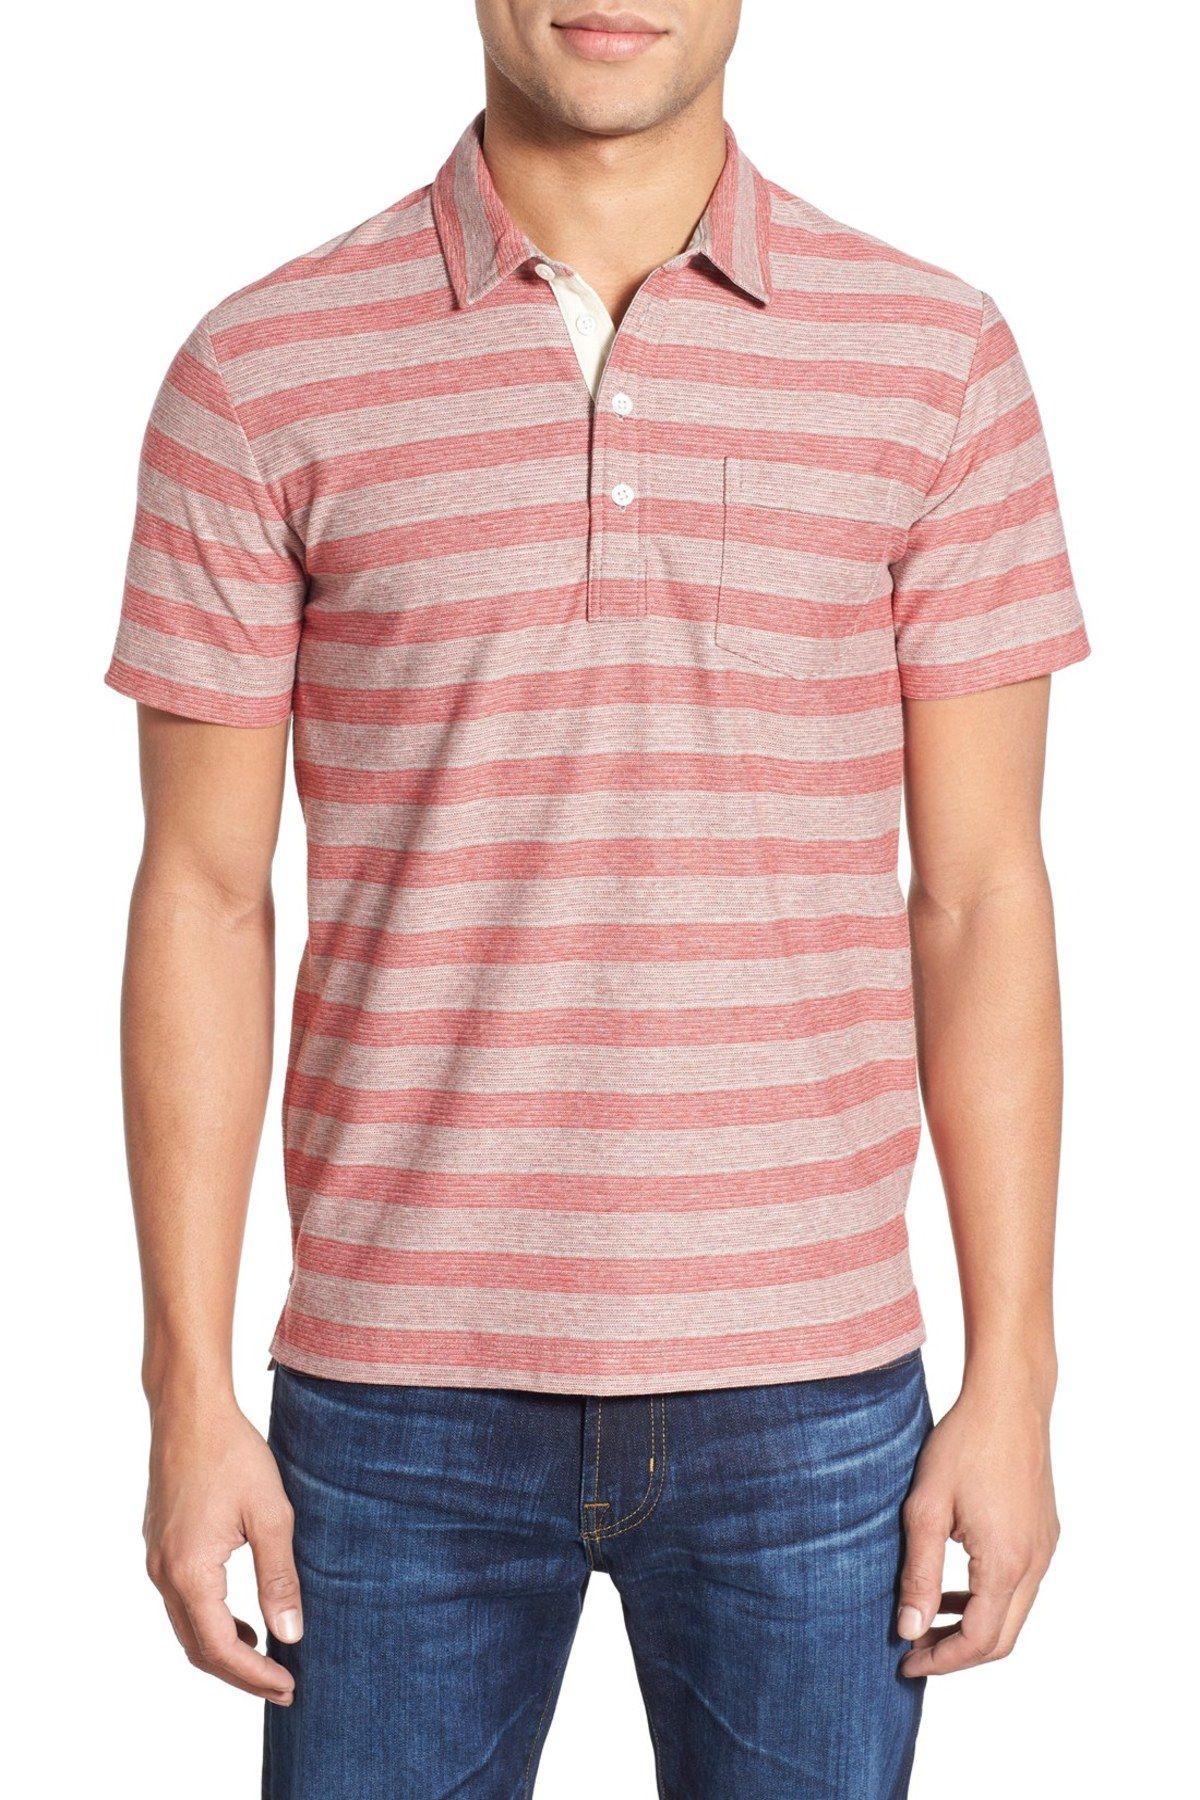 'Pensacola' Trim Fit Stripe Jersey Polo